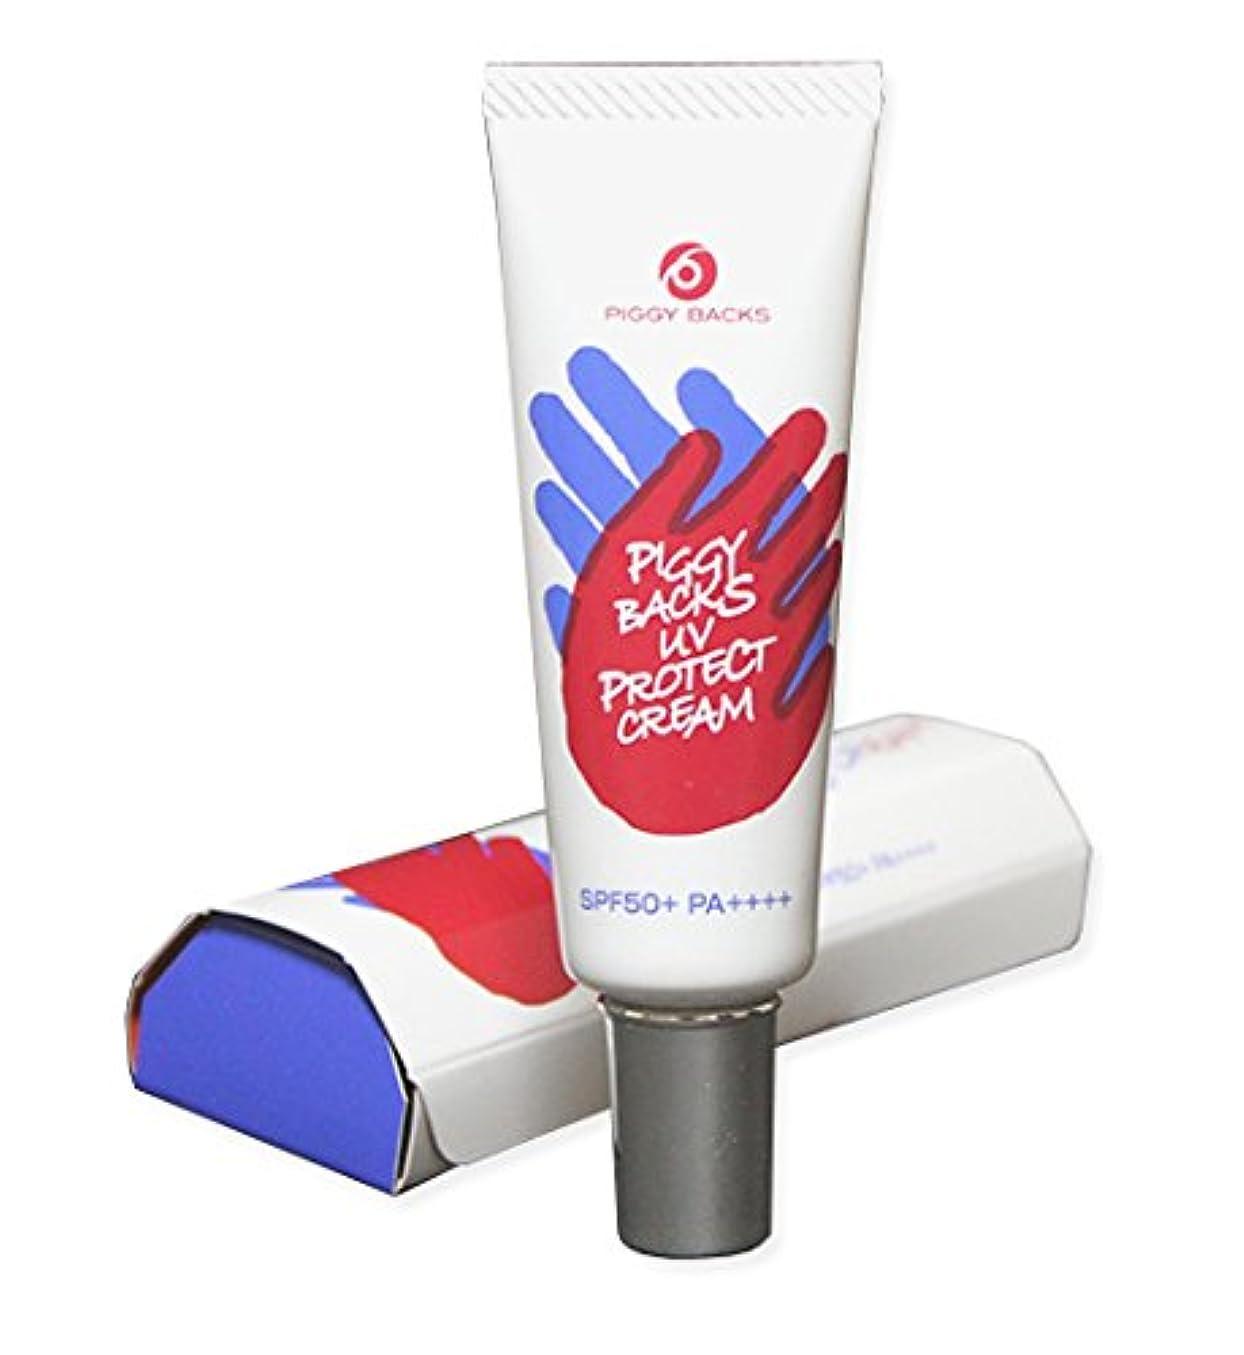 保存するパーチナシティアルプスピギーバックス UVプロテクトクリーム【SPF50+、PA++++】国内最高紫外線防御力なのにノンケミカルを実現!塗り直しがいらない日焼け止めクリーム